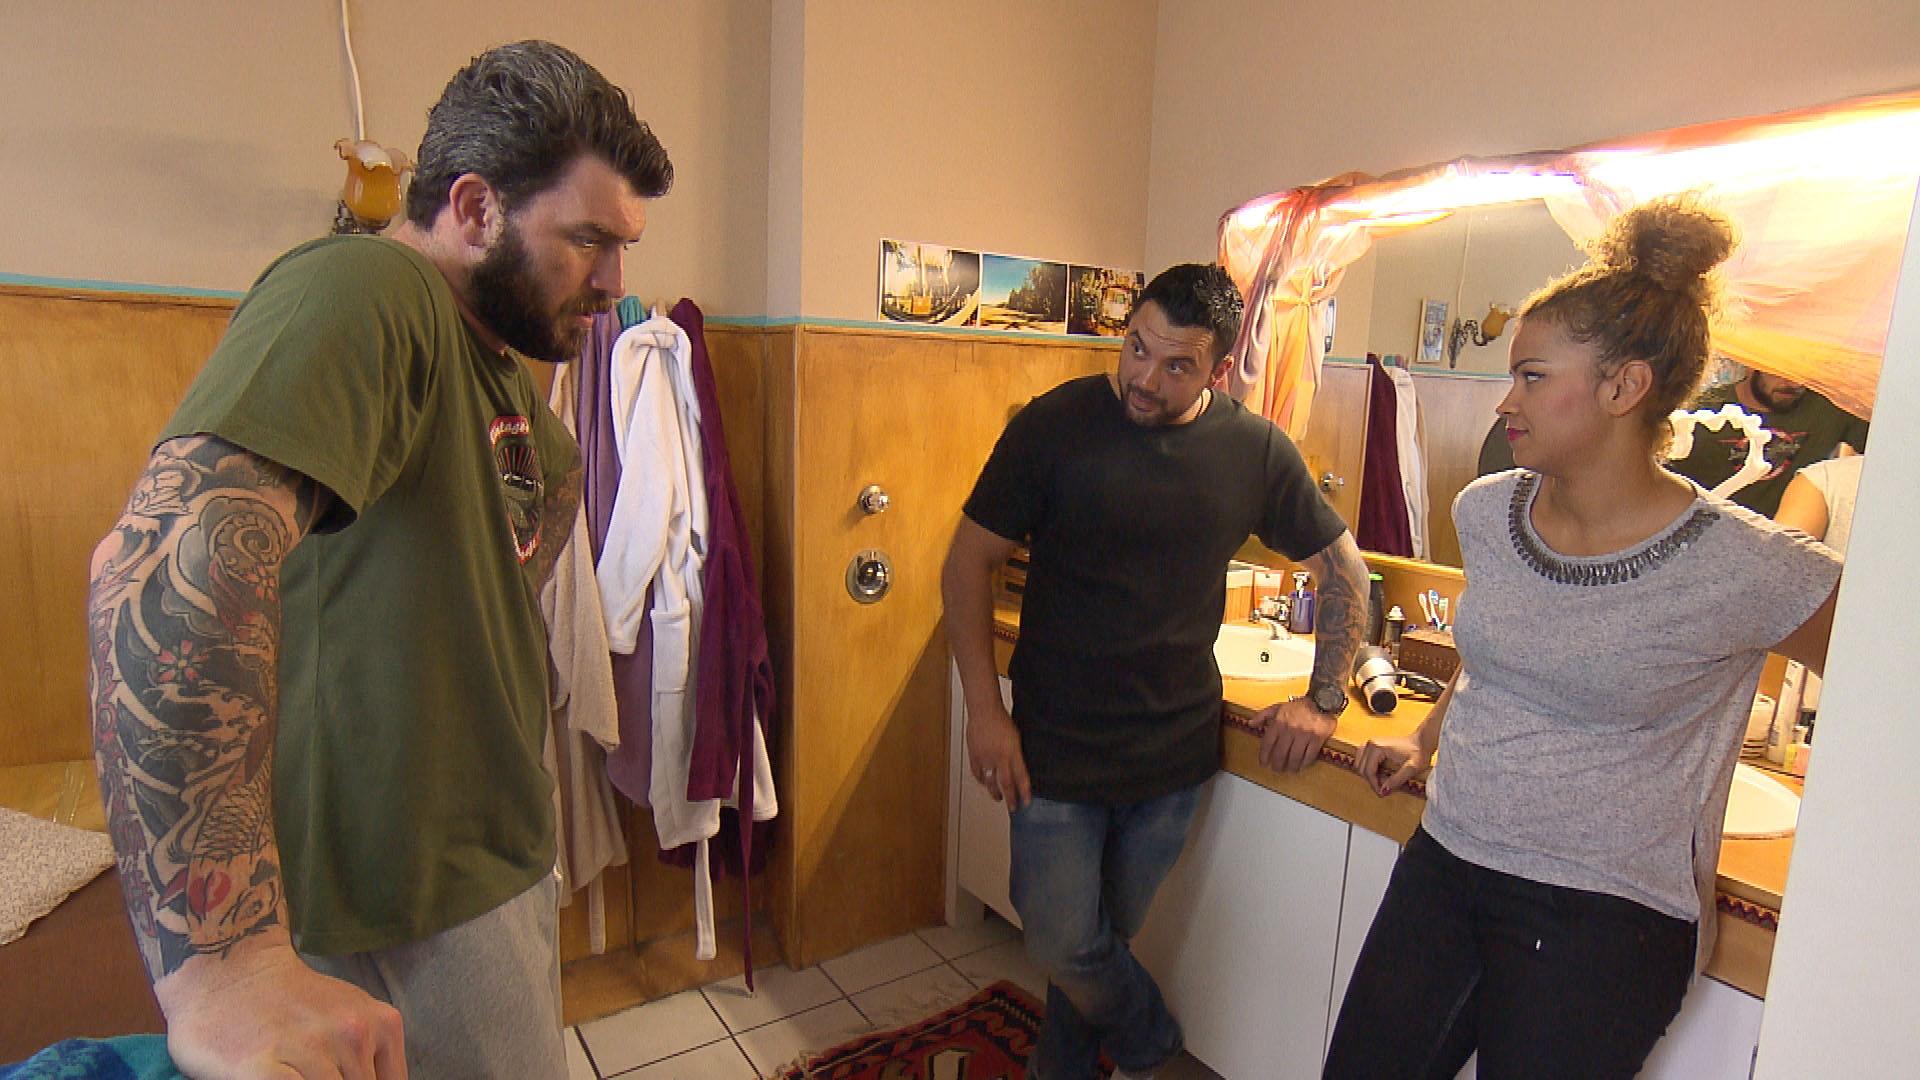 Alex,li. ist schon wieder ziemlich genervt von Sams,re. und Manus,Mi. Pärchen-Verhalten und würde die beiden am liebsten vor die Tür setzen. (Quelle: RTL 2)